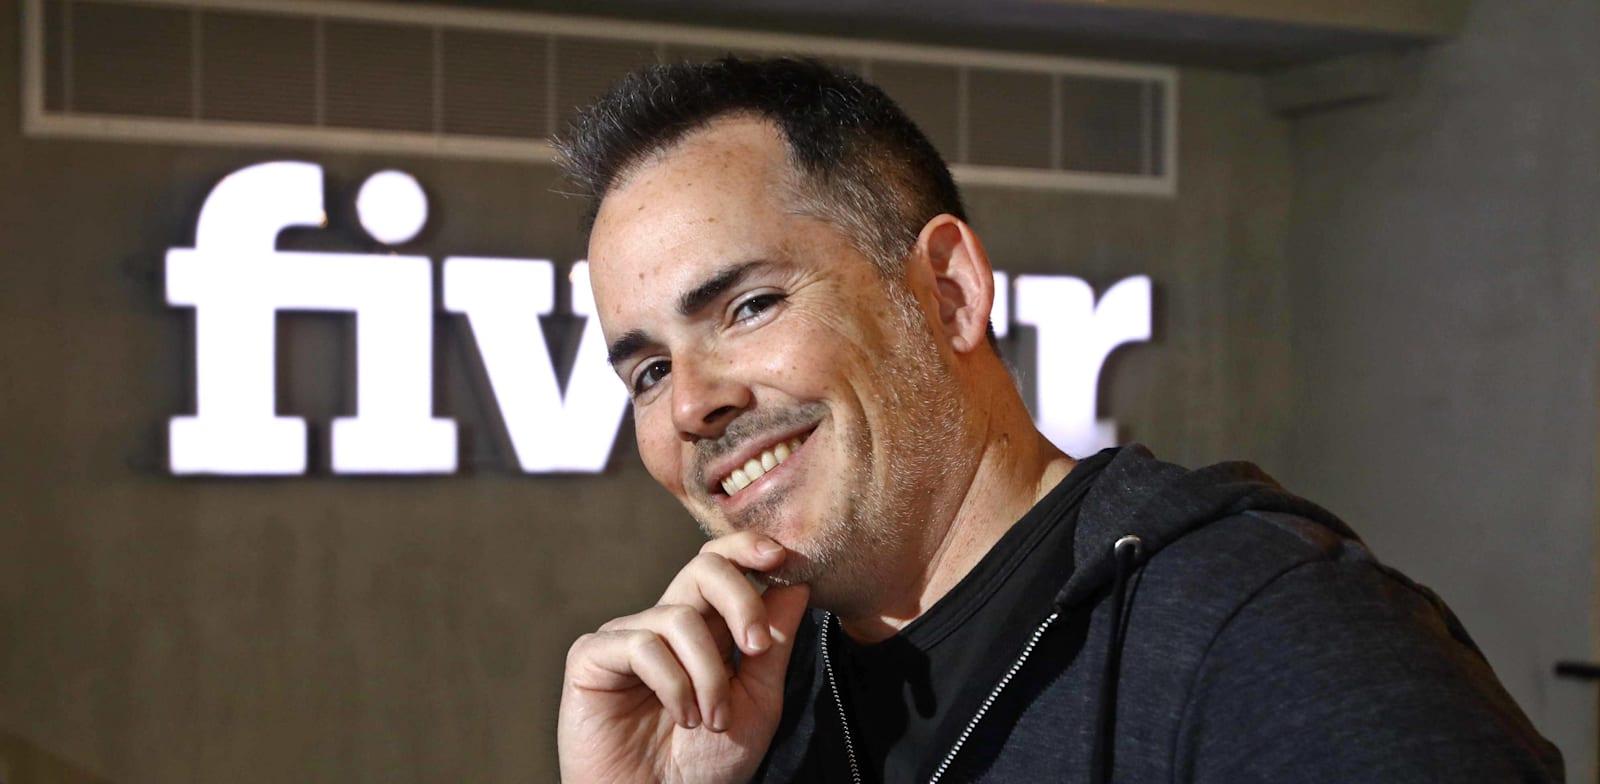 """מיכה קאופמן, מנכ""""ל פייבר (Fiverr) / צילום: אמיר מאירי"""